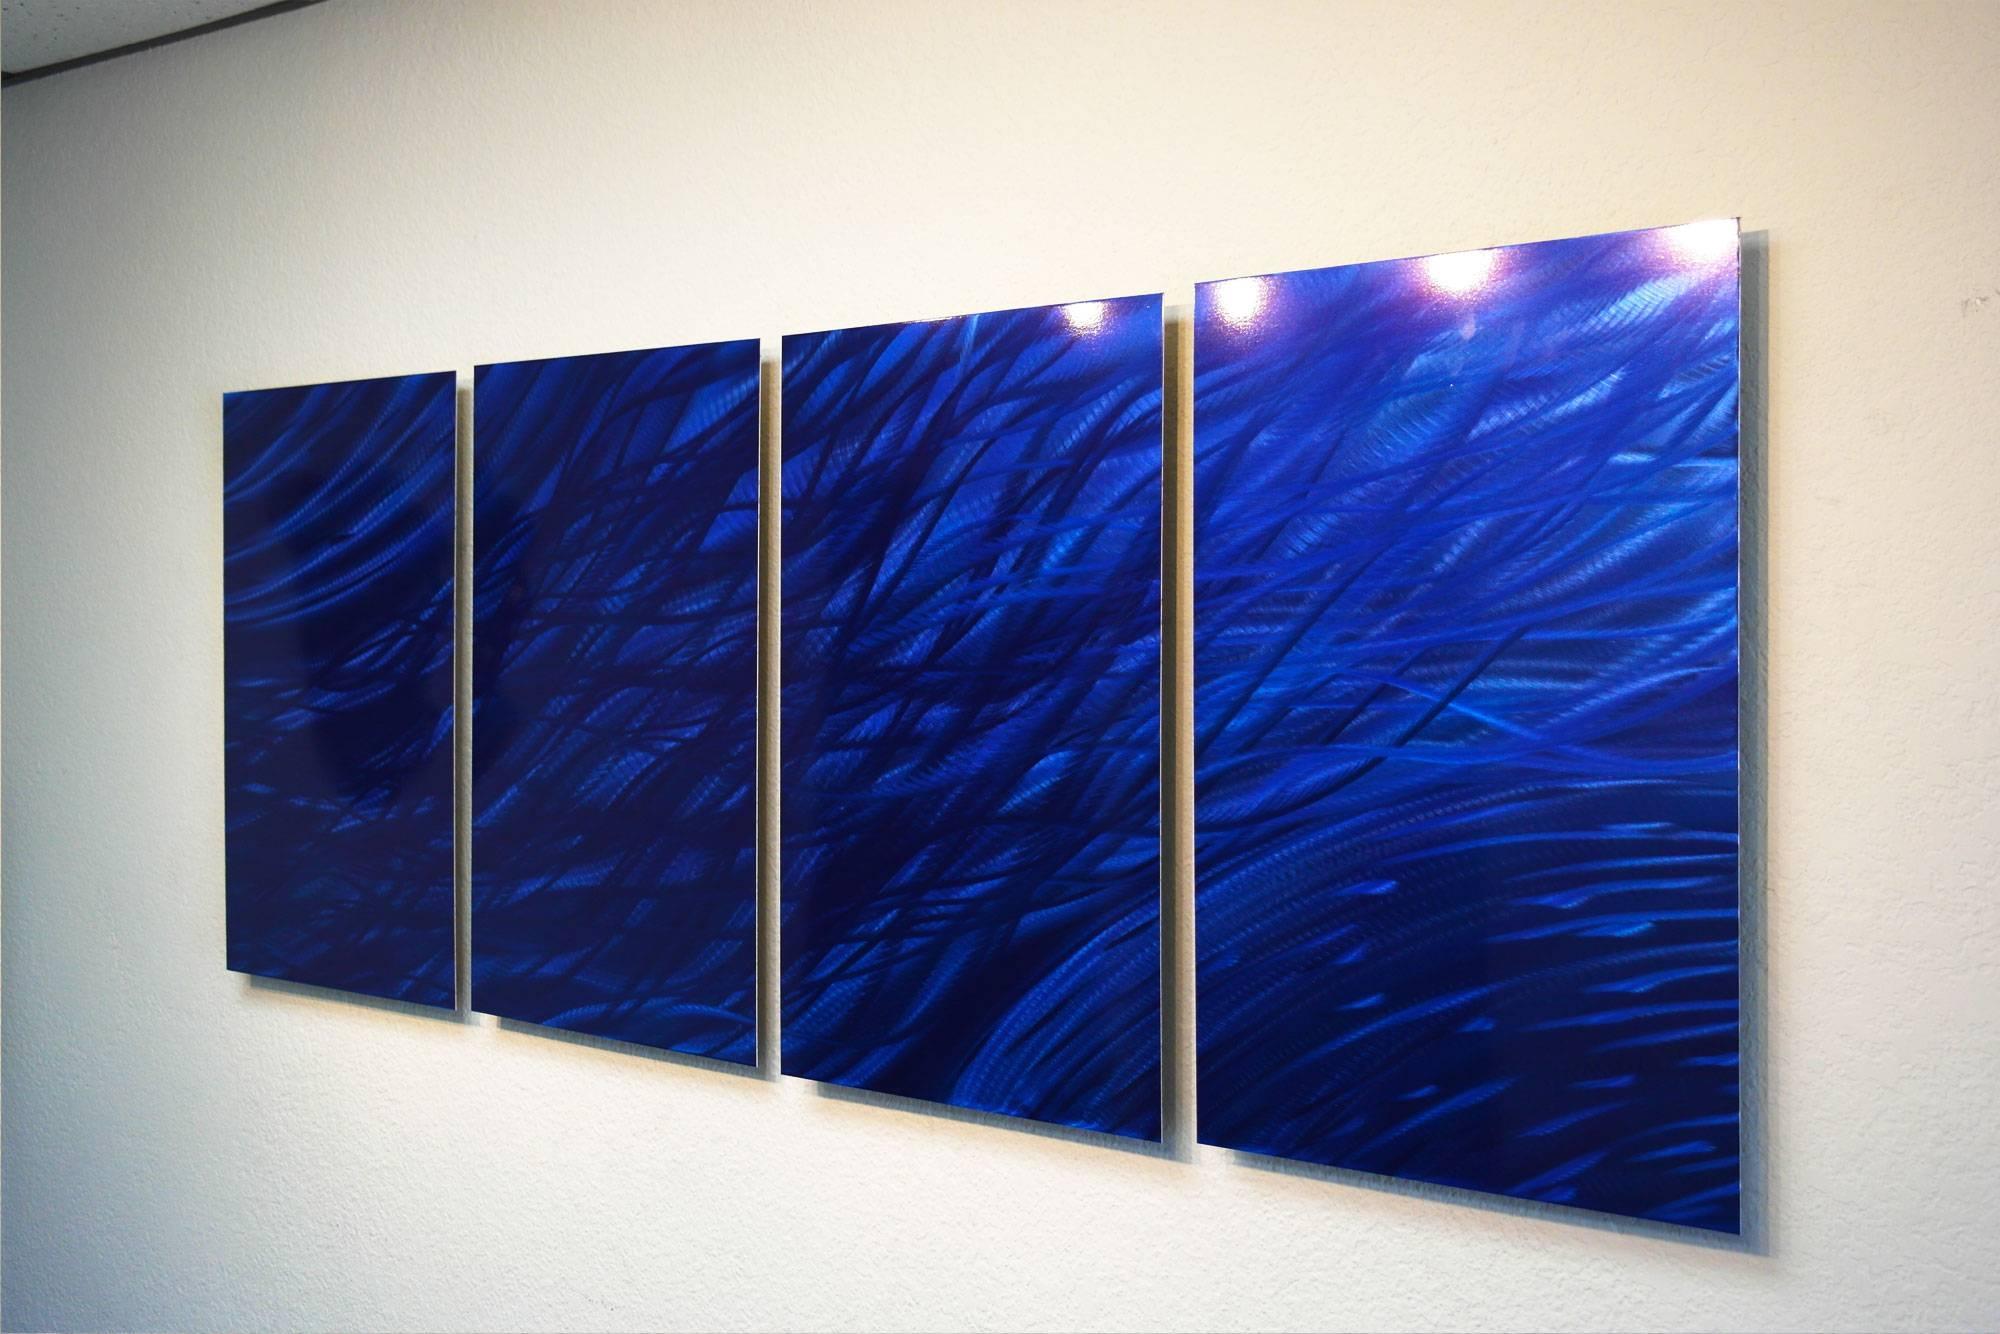 Ocean Dark Blue – Metal Wall Art Abstract Sculpture Modern Decor Regarding Most Recently Released Blue Wall Art (View 16 of 20)